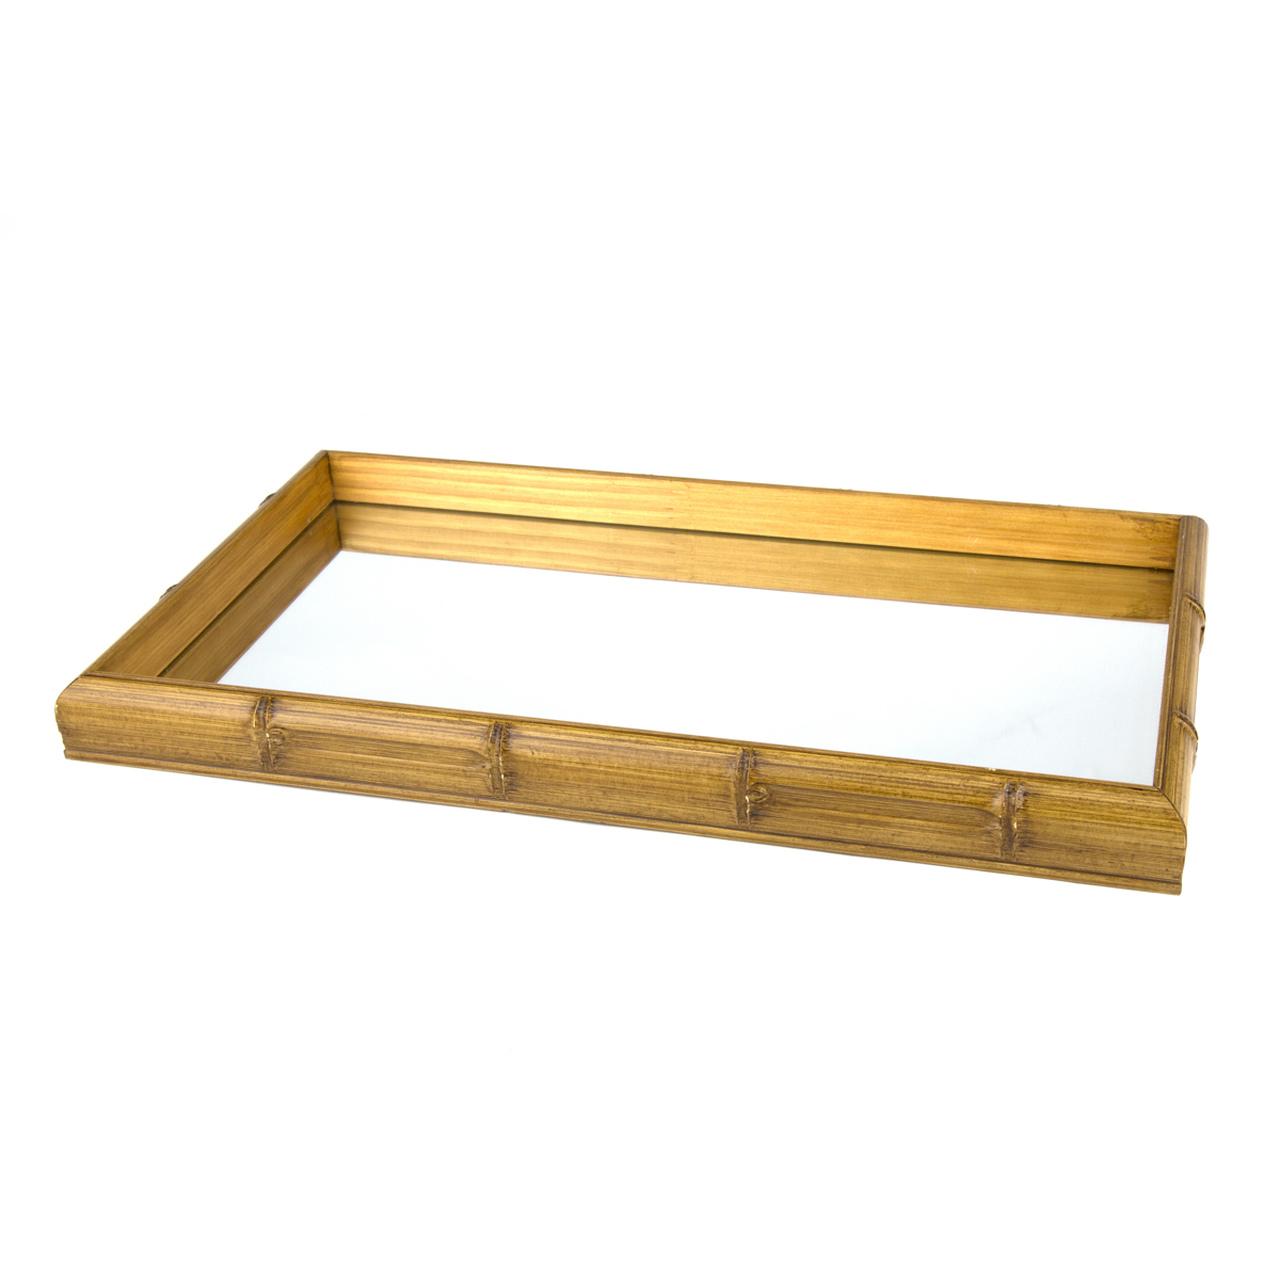 Bandeja madeira c/ espelho Coquinho 37 cm